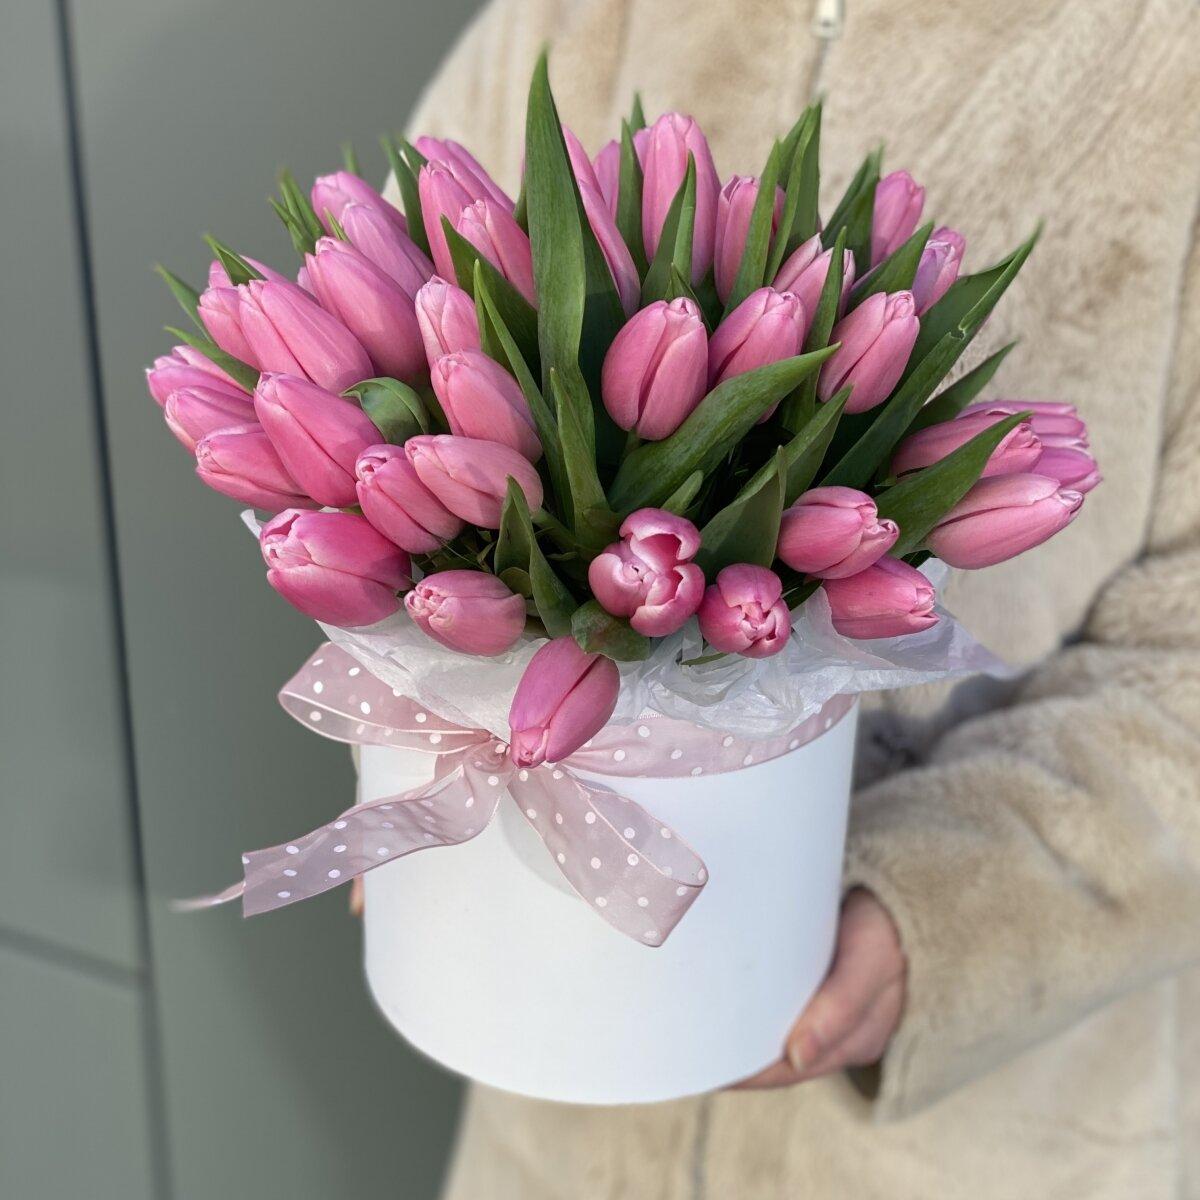 Коробка Хлоя из розовых тюльпанов